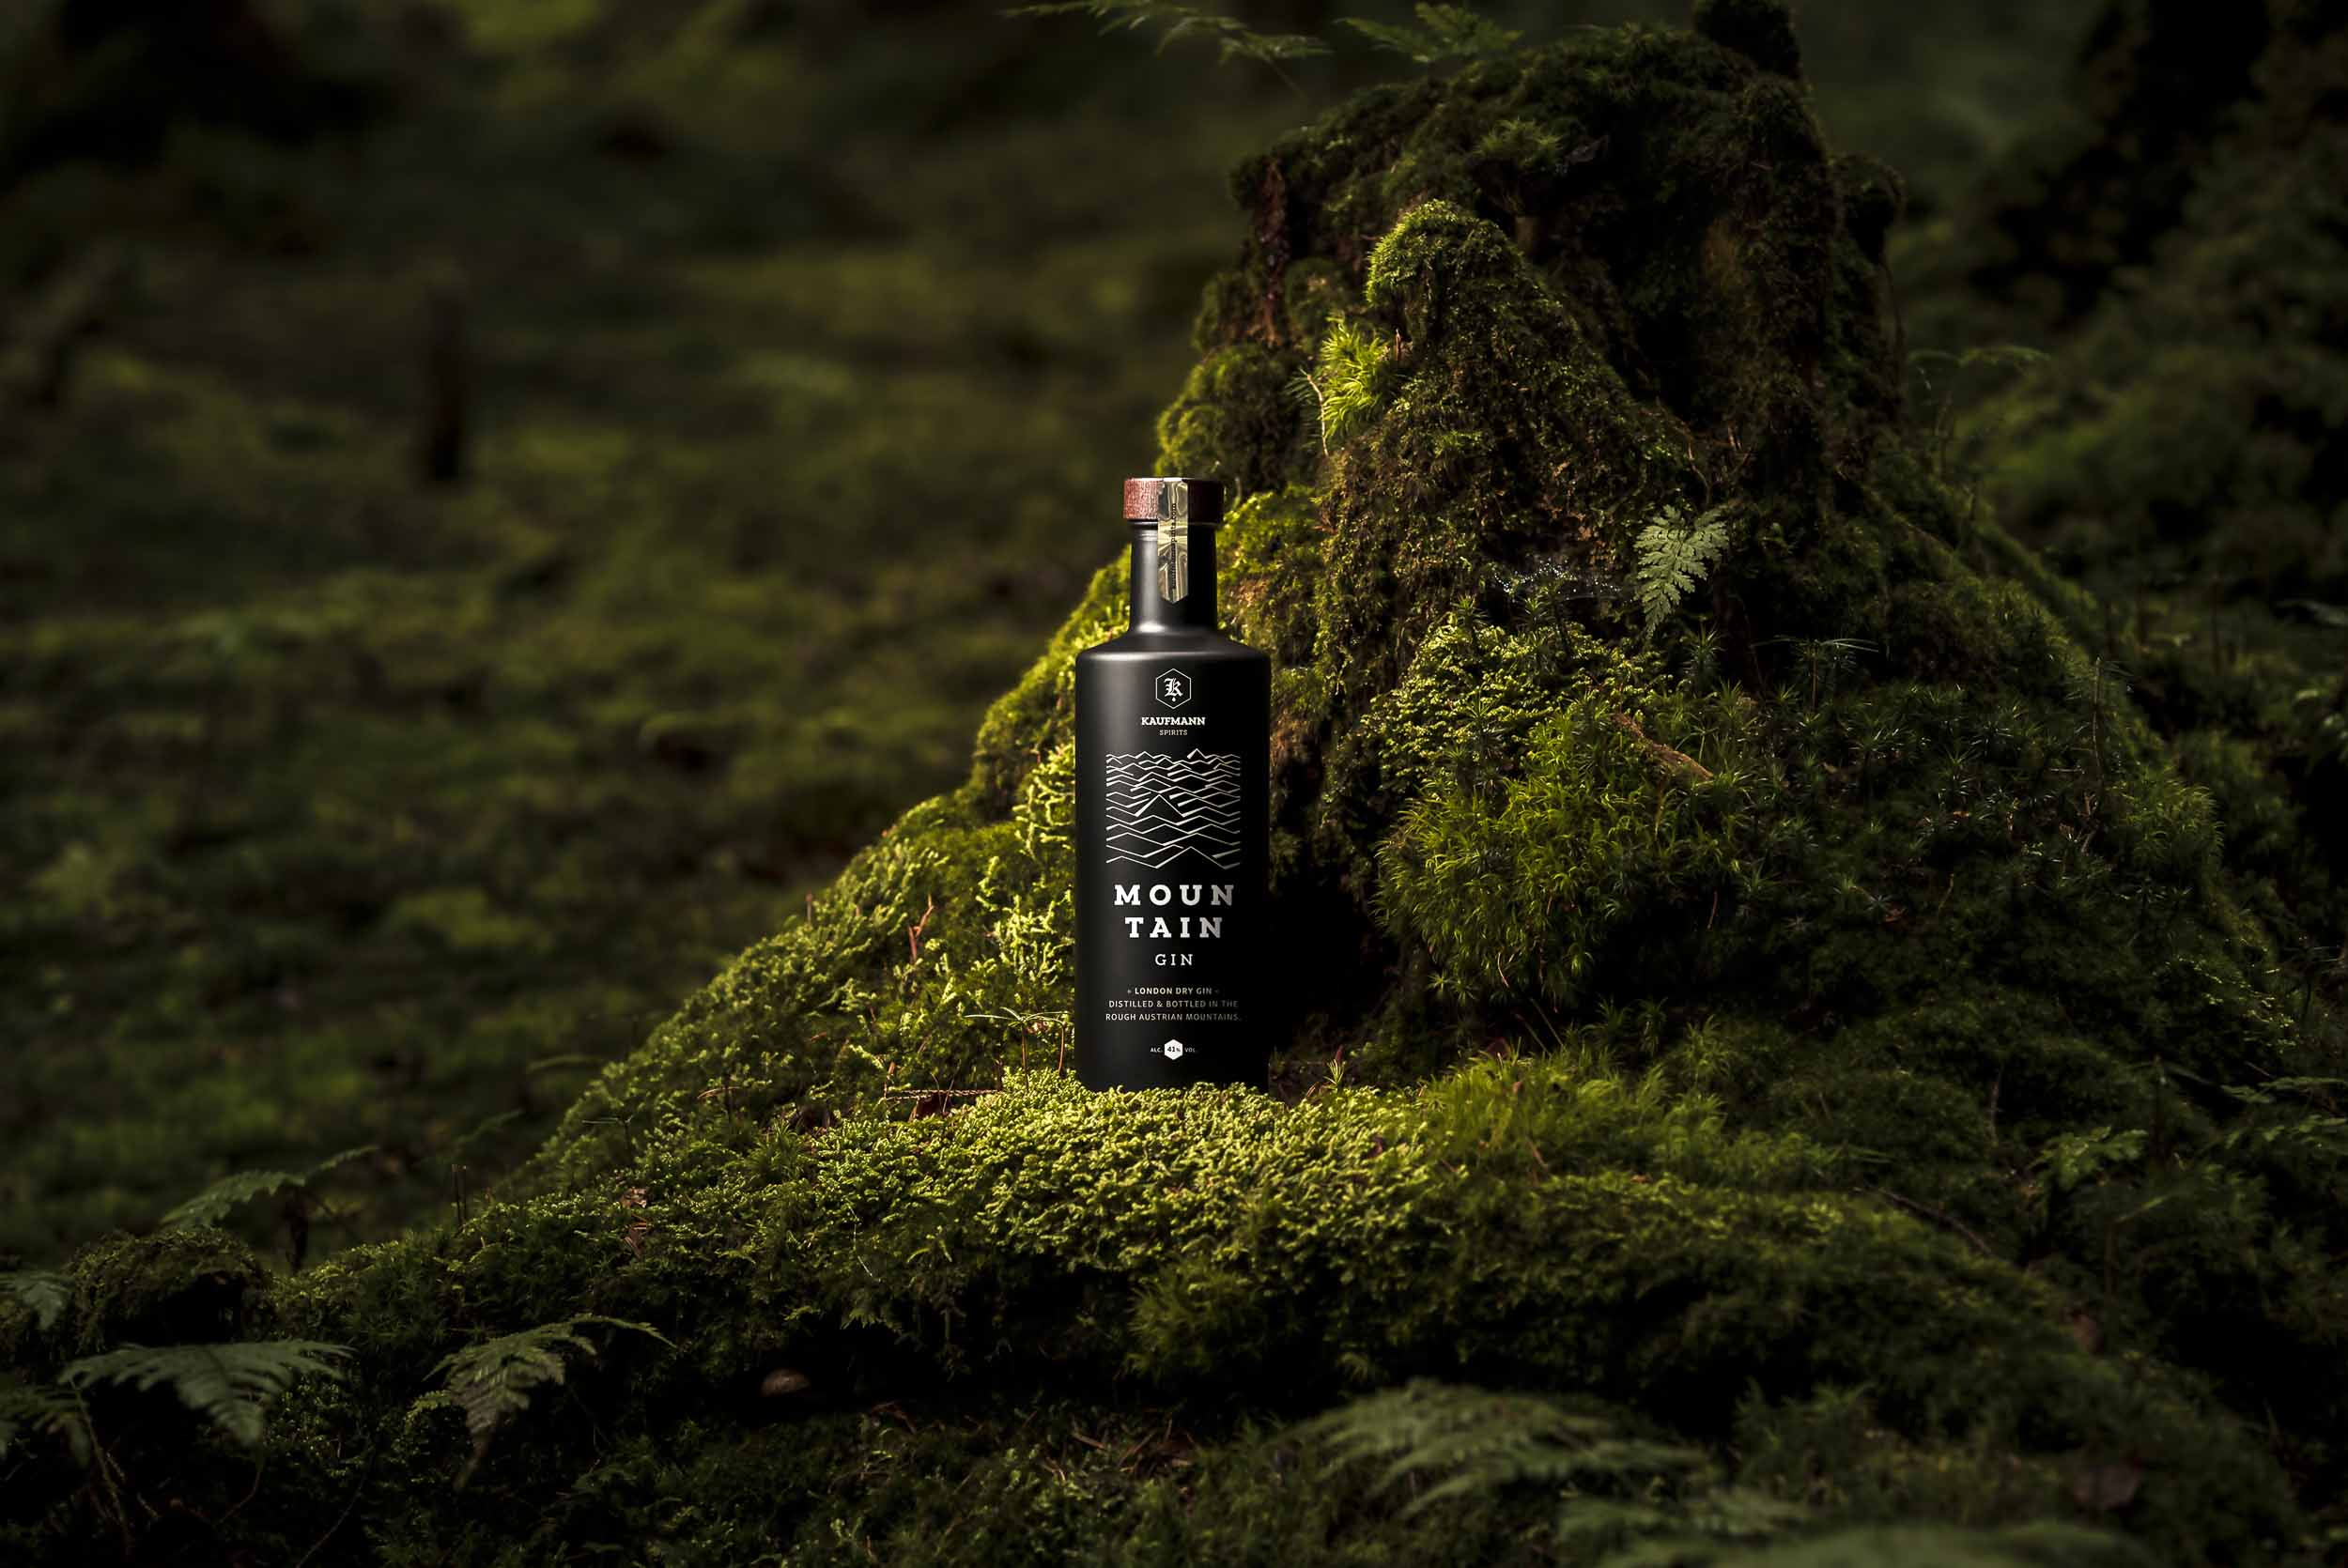 Ein Flasche Mountain Gin vor einem vermoosten Baumstumpf im Wald.